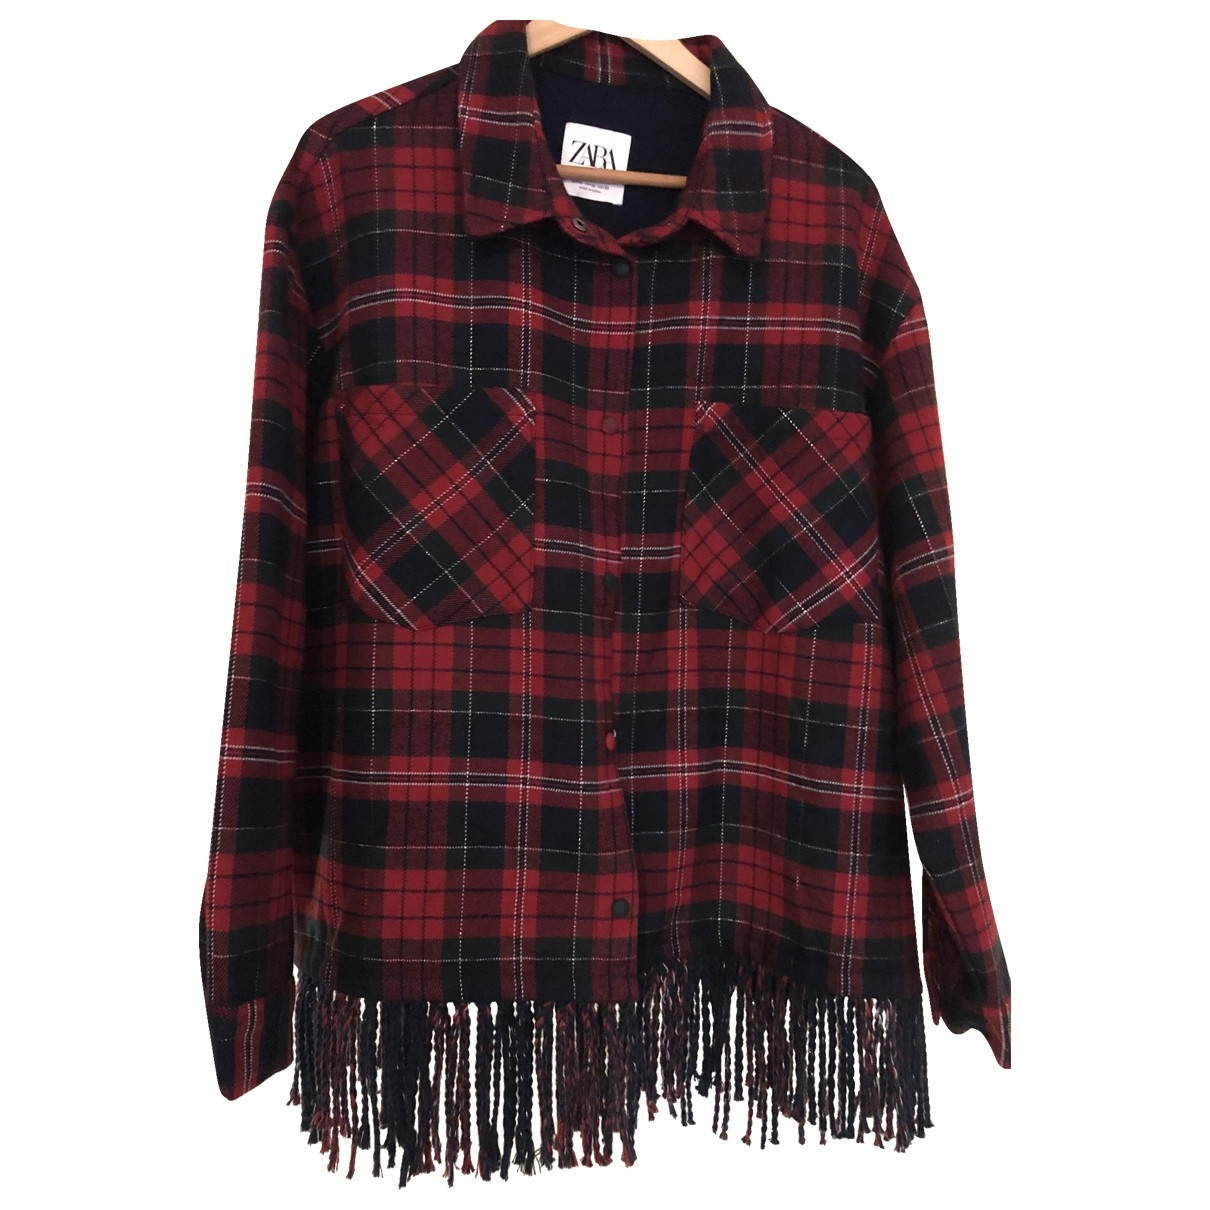 Zara \N Red jacket for Women L International